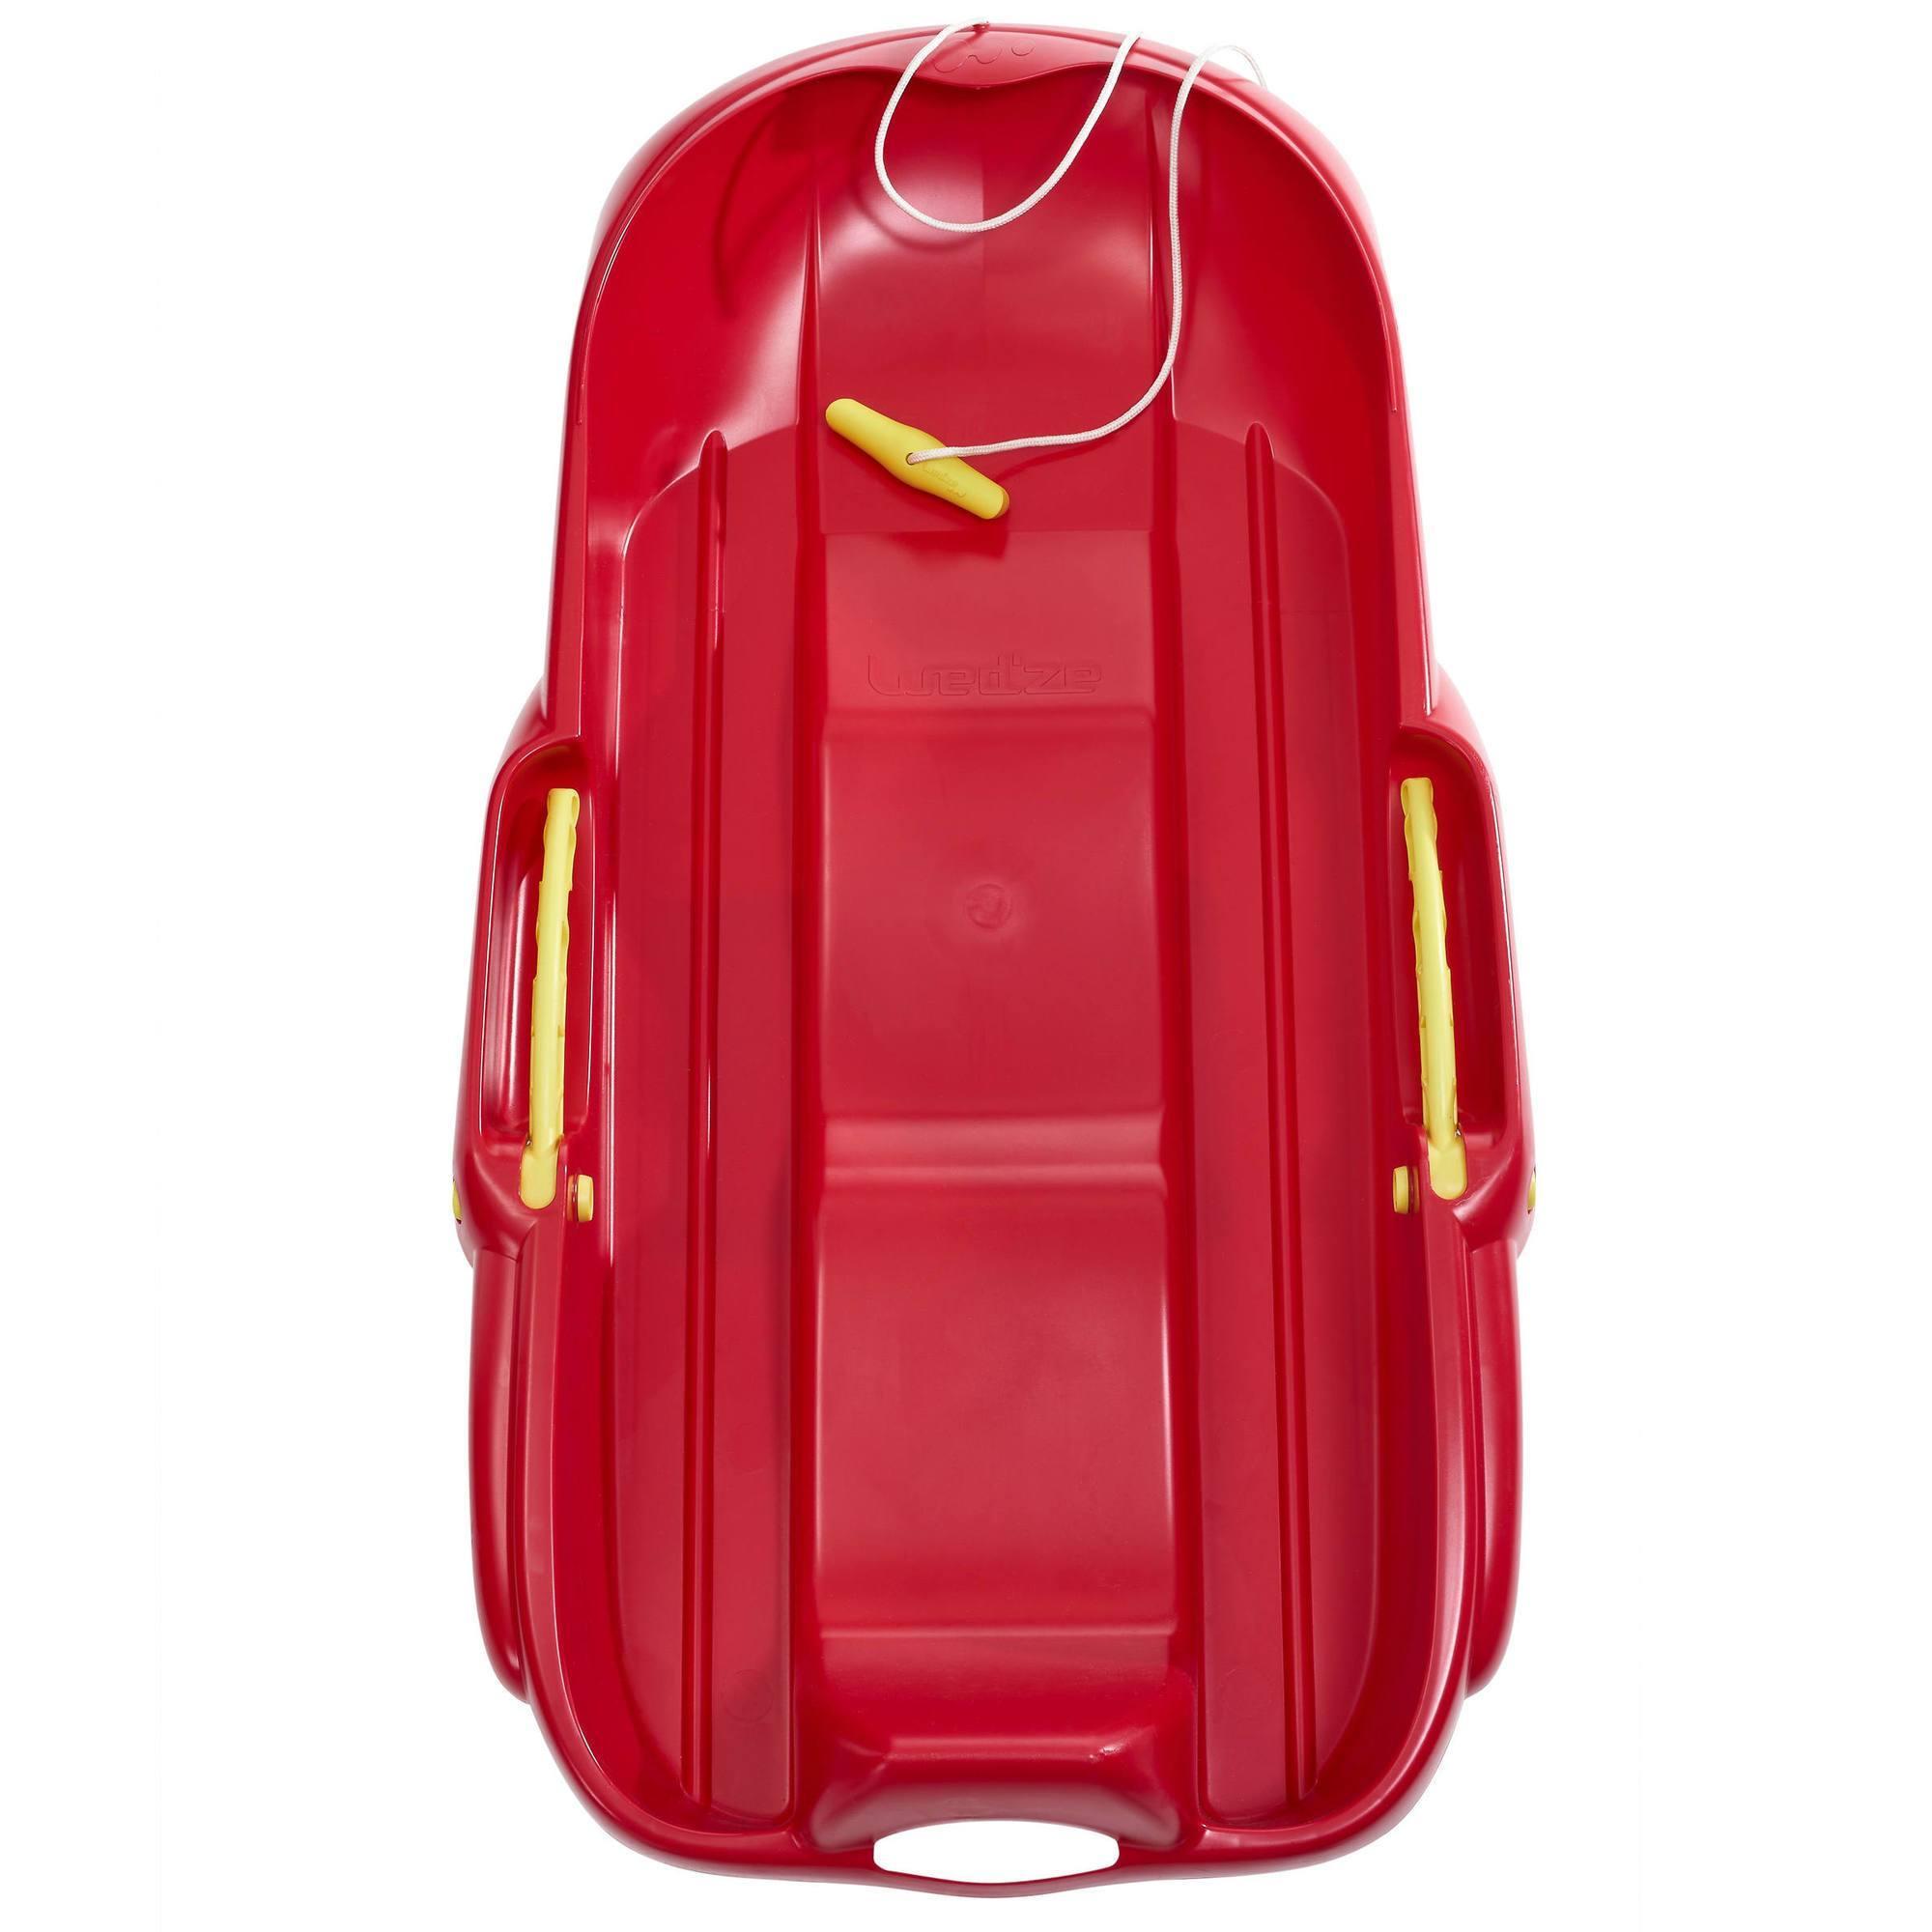 Luge biplace avec frein MRZ 100 rouge